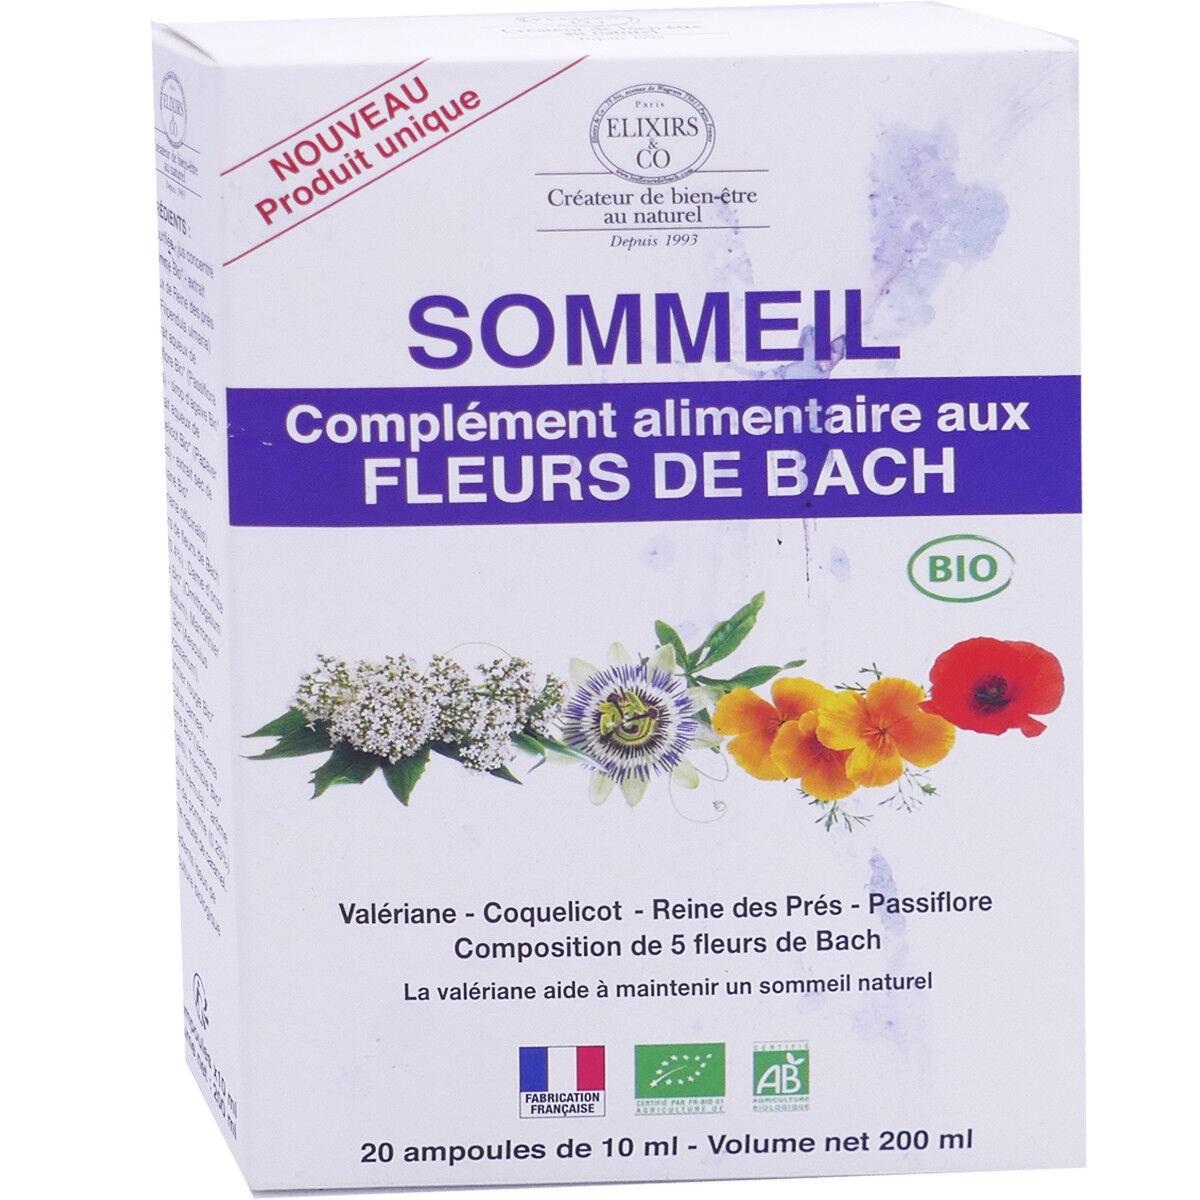 Elixirs & co sommeil fleurs de bach 20 ampoules 10 ml bio